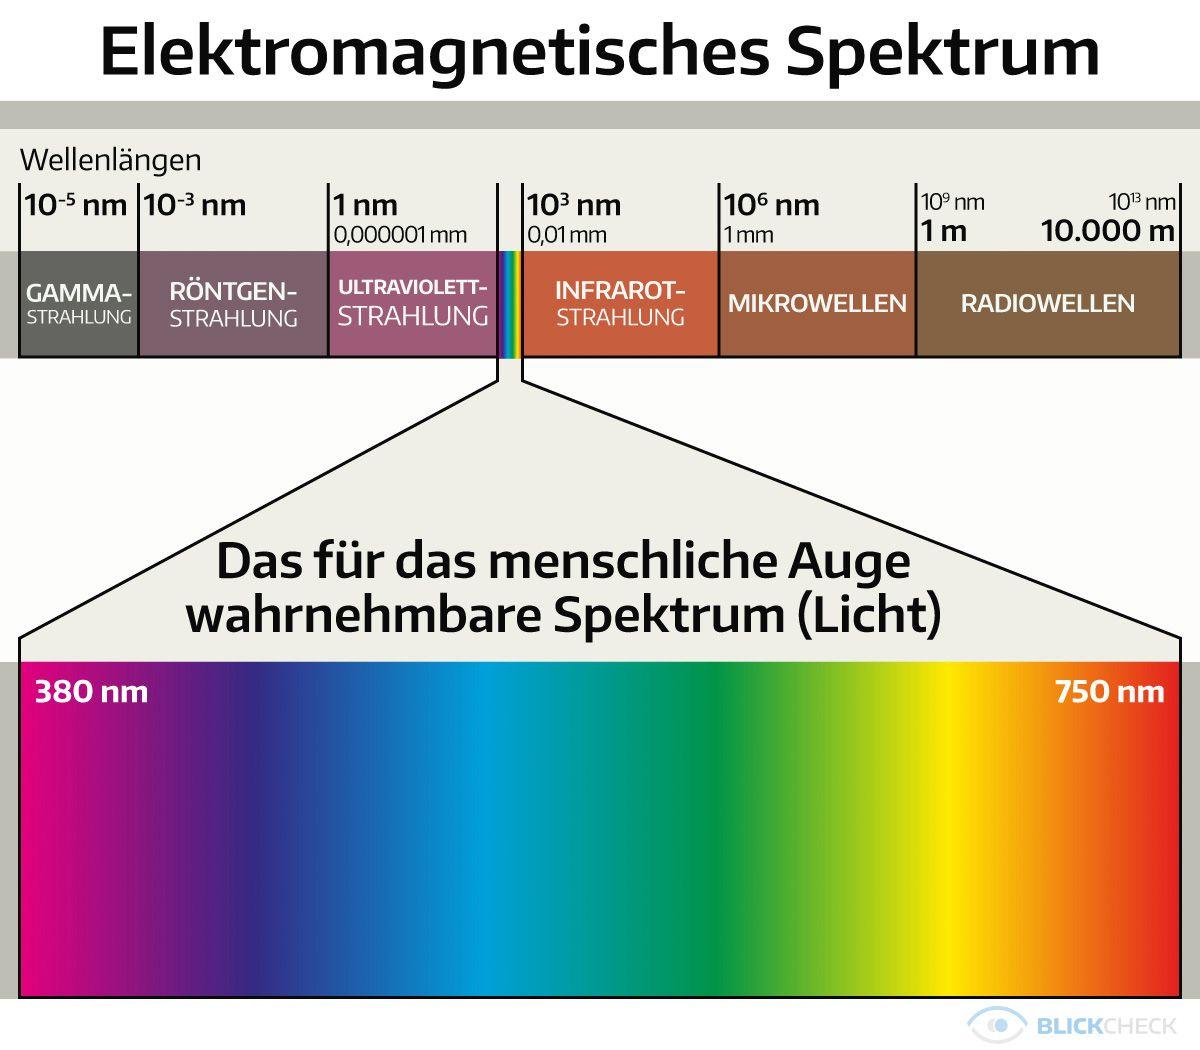 Das für das menschliche Auge wahrnehmbare elektromagnetischen ...